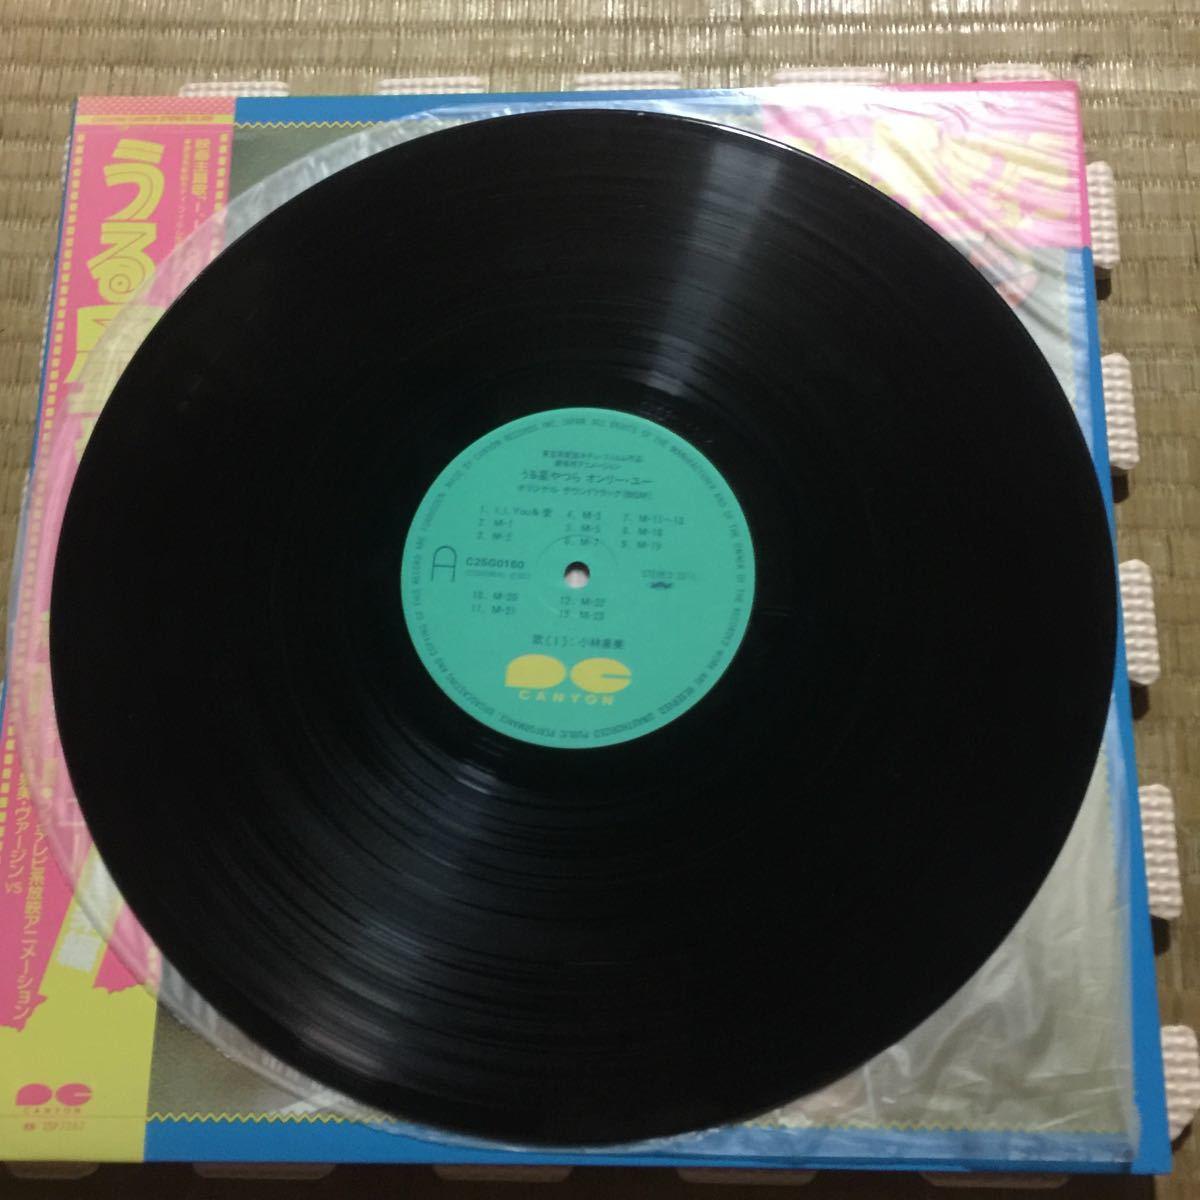 うる星やつら オンリー・ユー BGM オリジナル・サウンドトラック 国内盤帯付きレコード【Wジャケット】_画像4